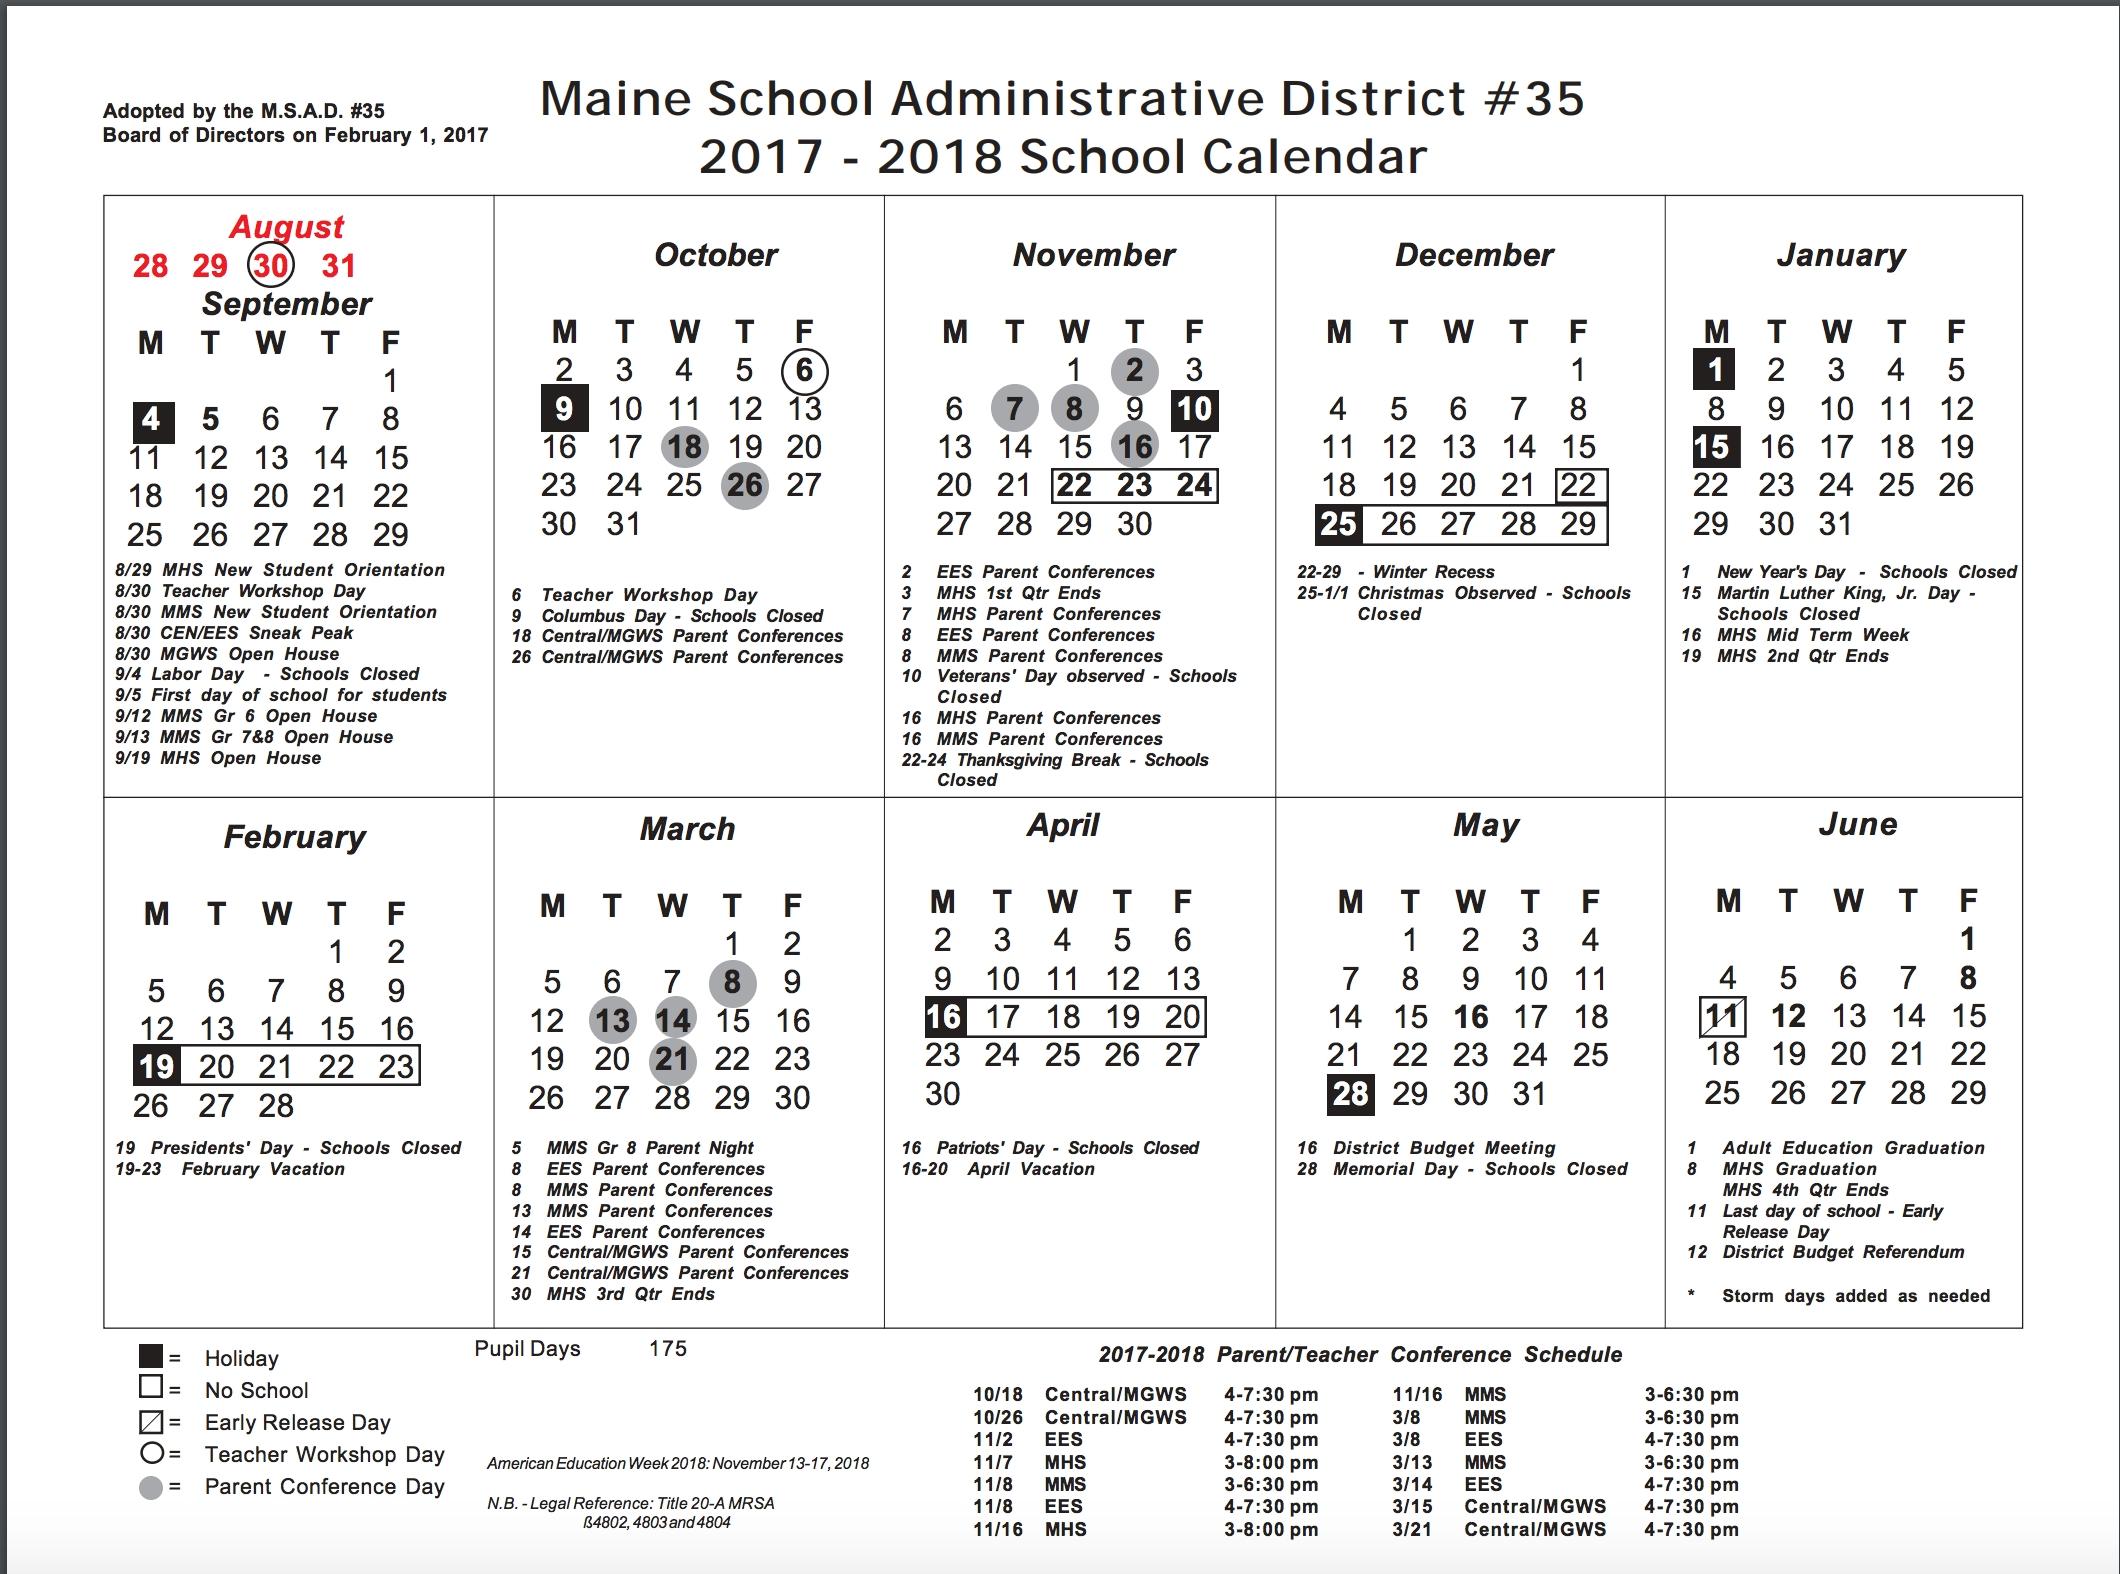 School Calendar 17:18 – Marshwood Ms_Rsu 6 School Calendar